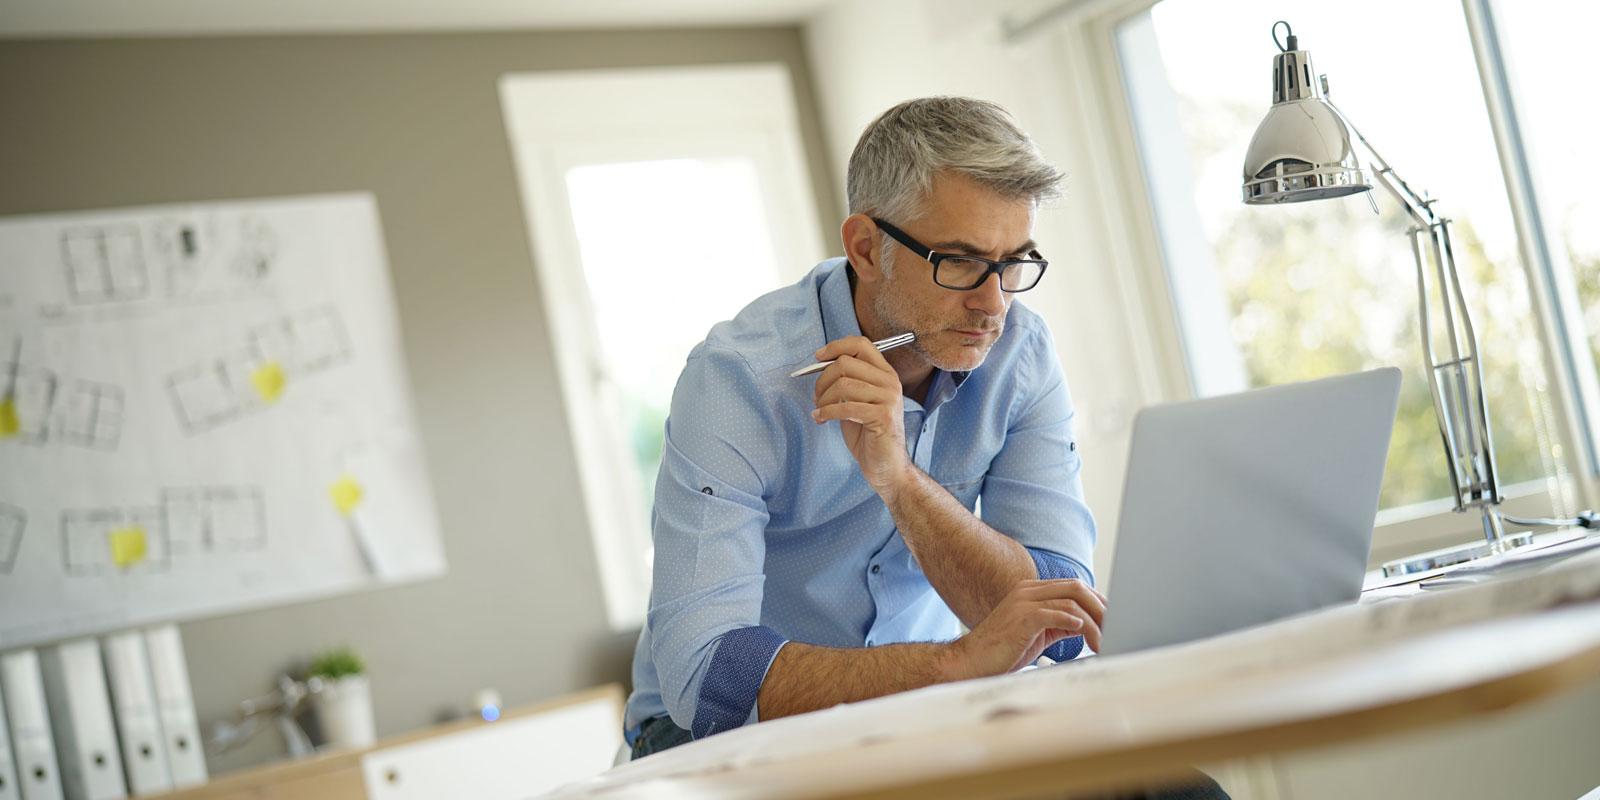 man browsing on his laptop